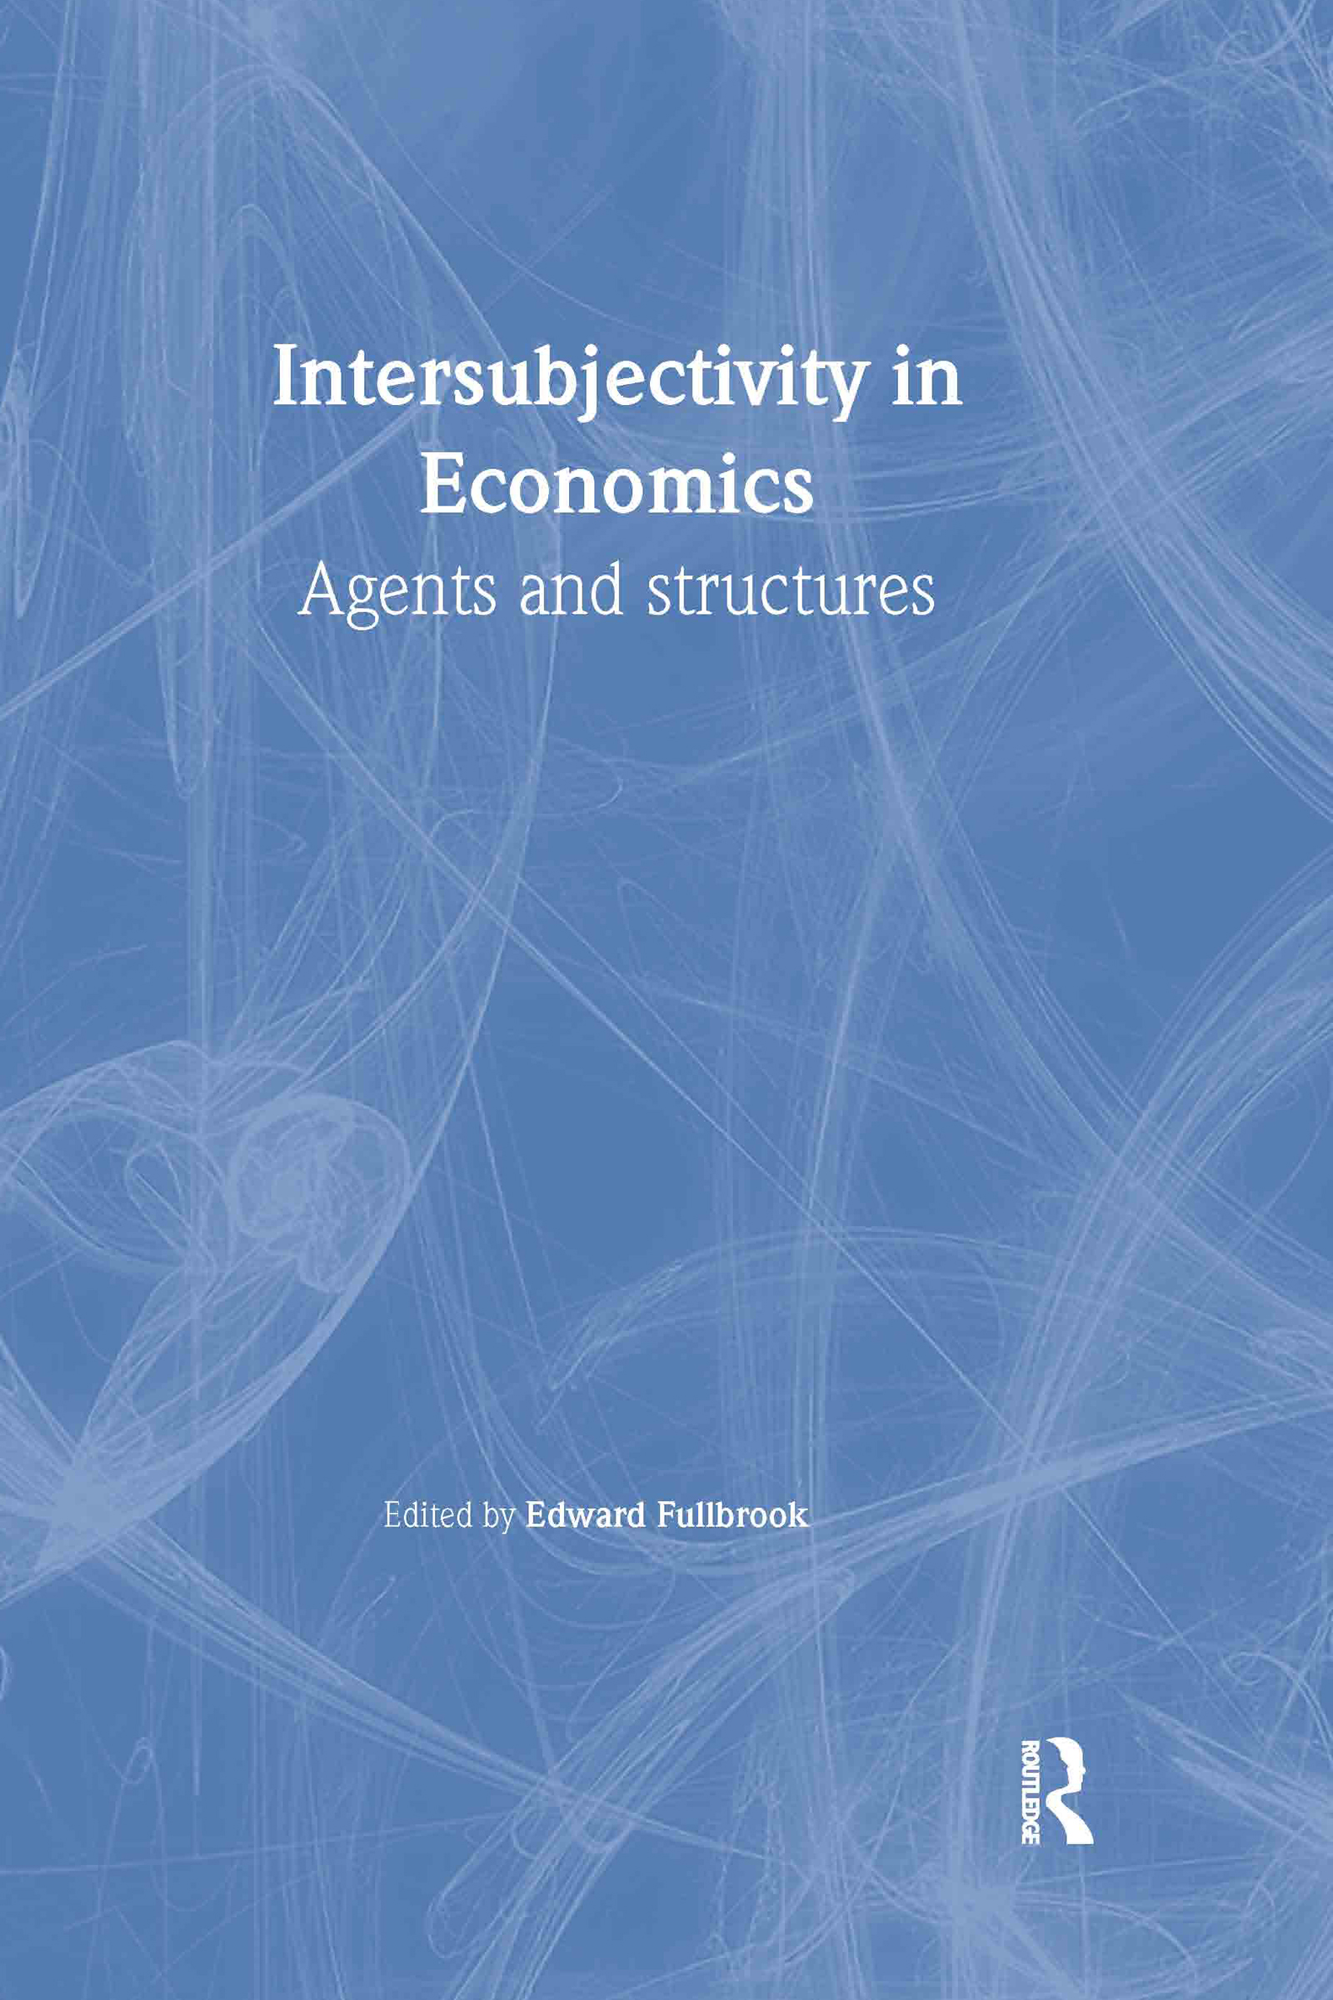 Intersubjectivity in Economics